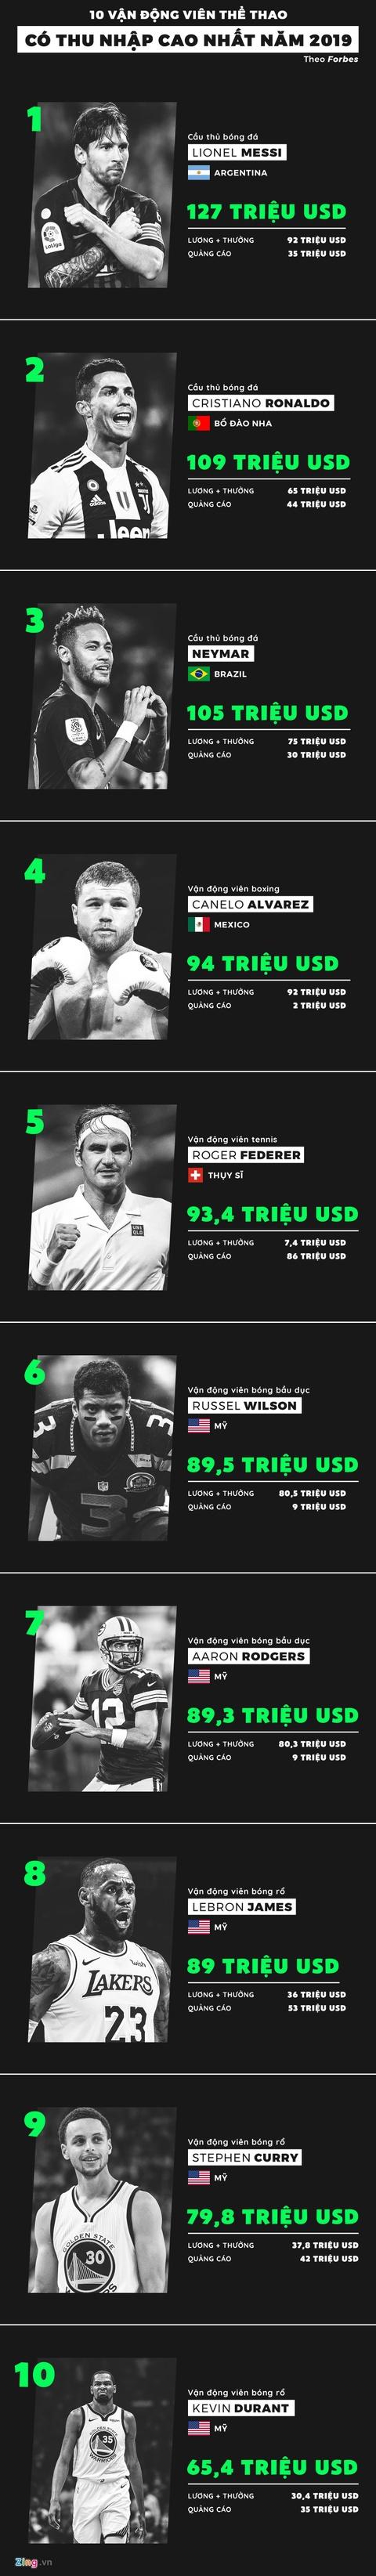 10 VĐV thể thao có thu nhập cao nhất năm 2019: Messi vượt Ronaldo